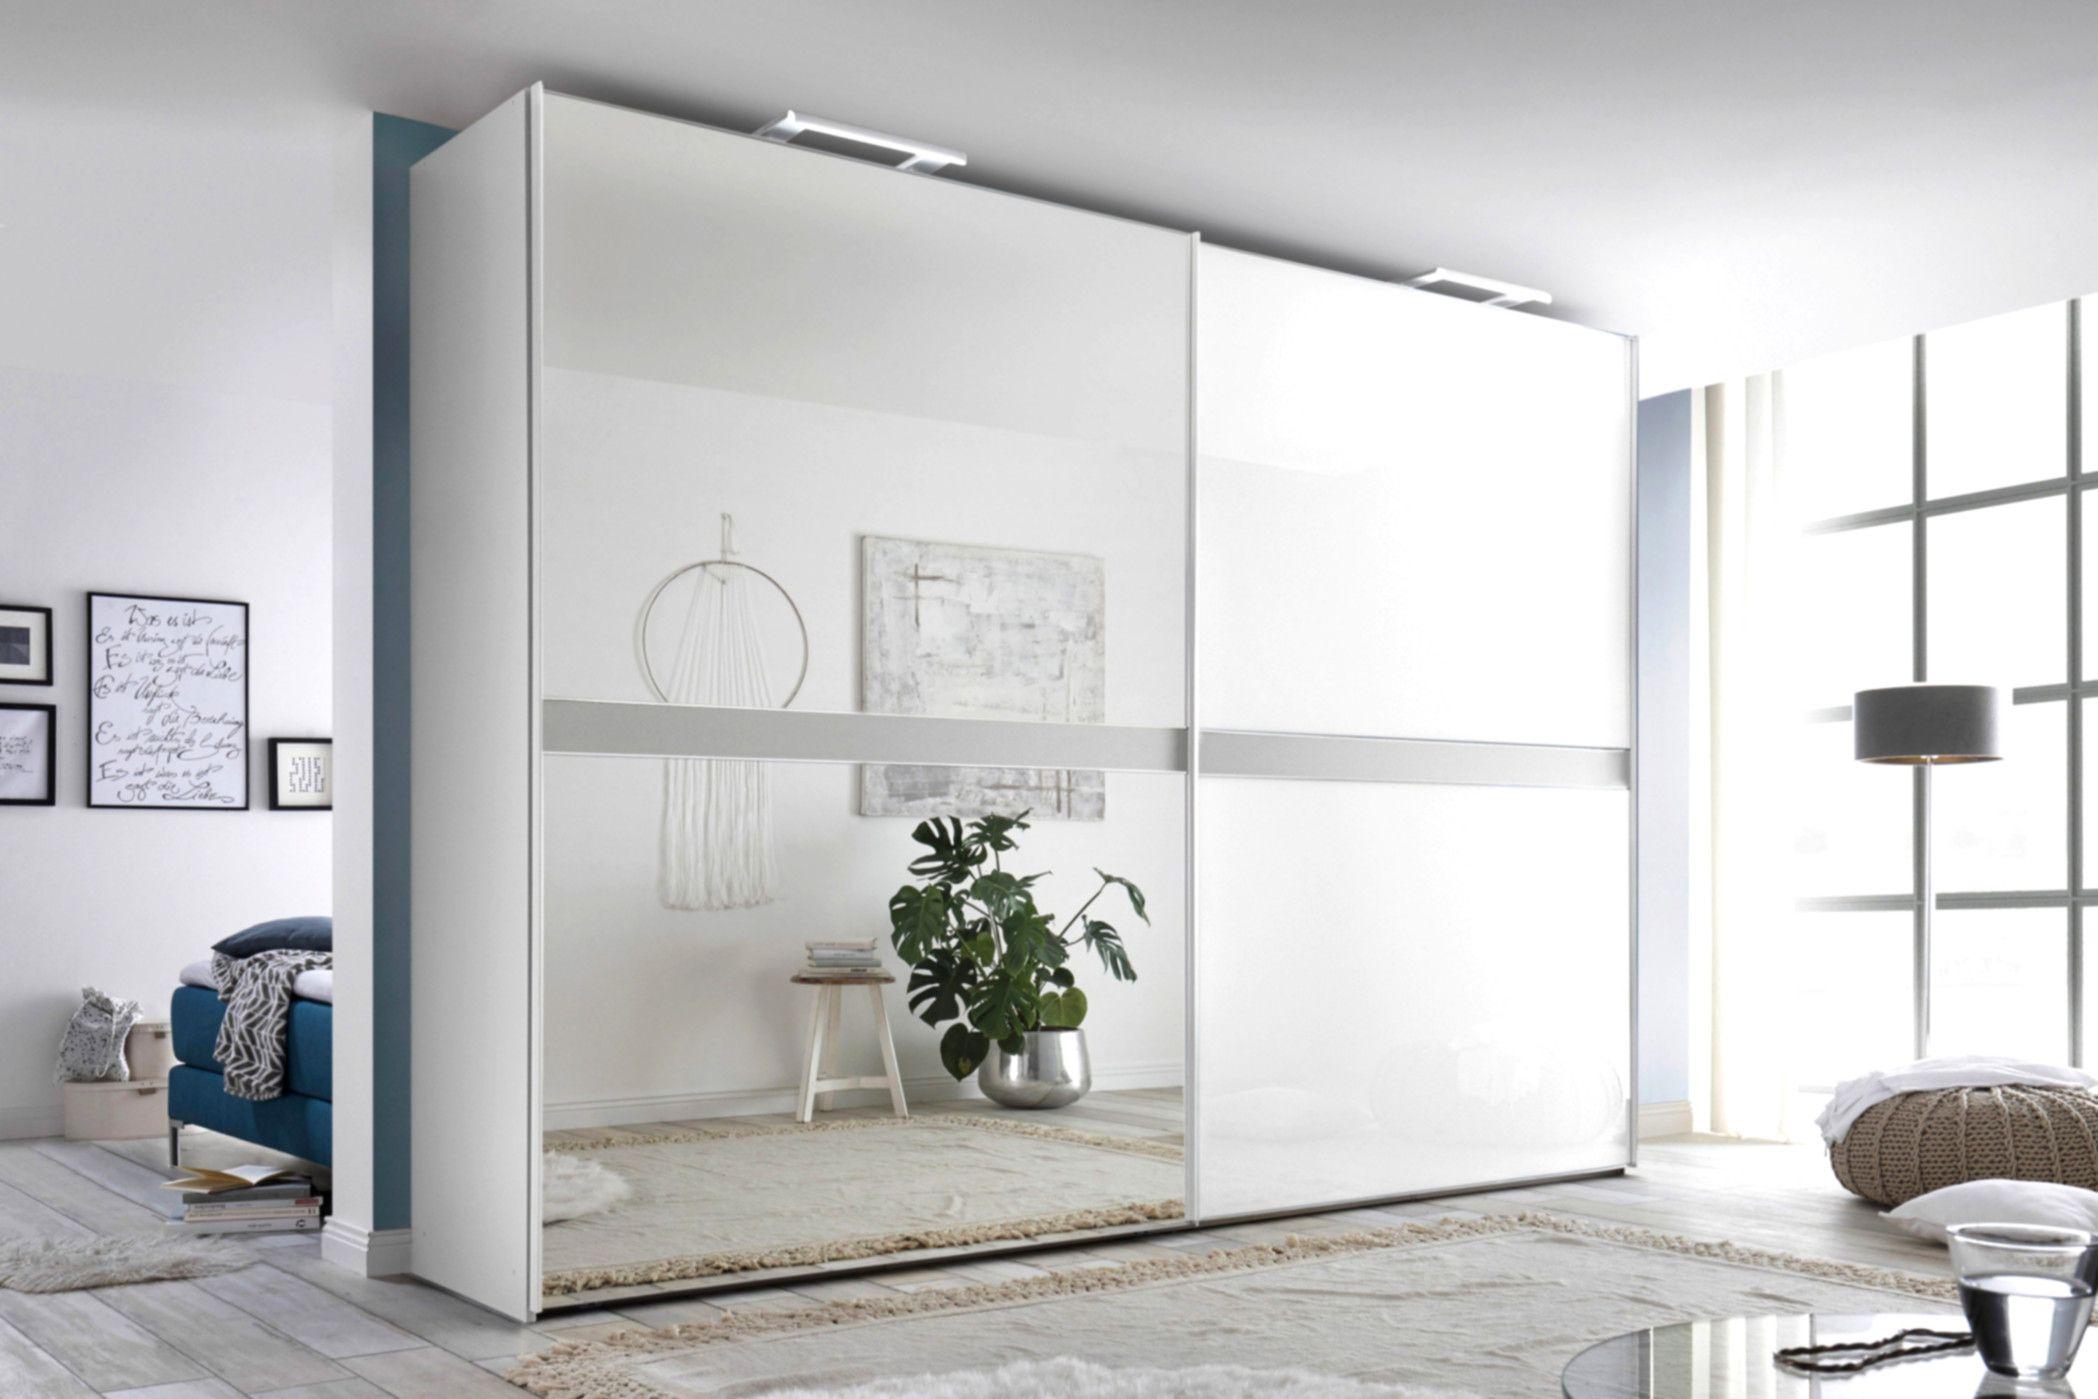 Full Size of Paschrank Aufbauen Luxury Ikea Schrank Selber Bauen Modulküche Betten Bei Miniküche Sofa Mit Schlaffunktion Küche Kosten 160x200 Kaufen Schrankküche Wohnzimmer Schrankküche Ikea